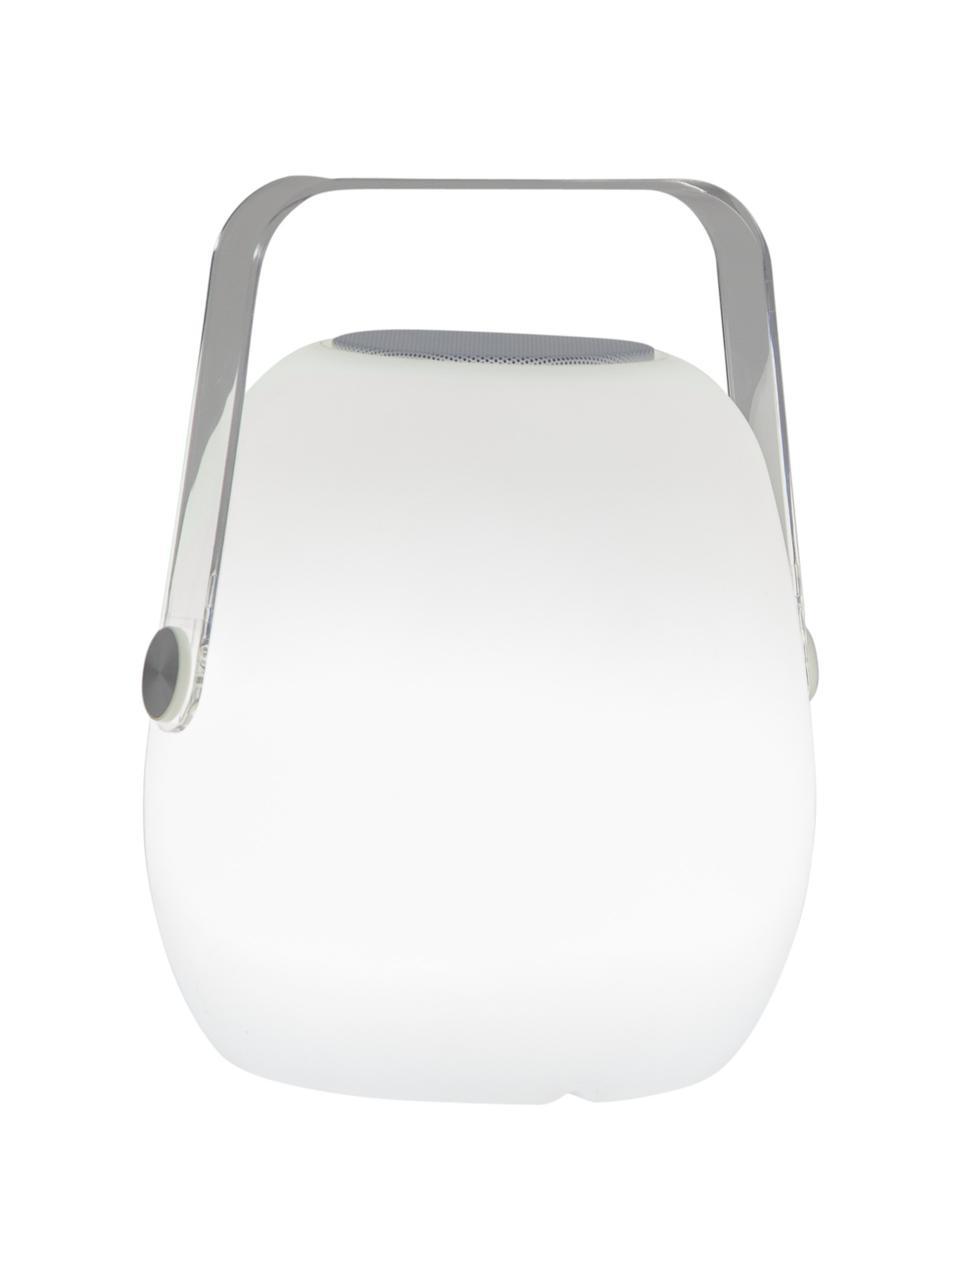 Přenosná stmívatelná venkovní stolní lampa Voice, Bílá